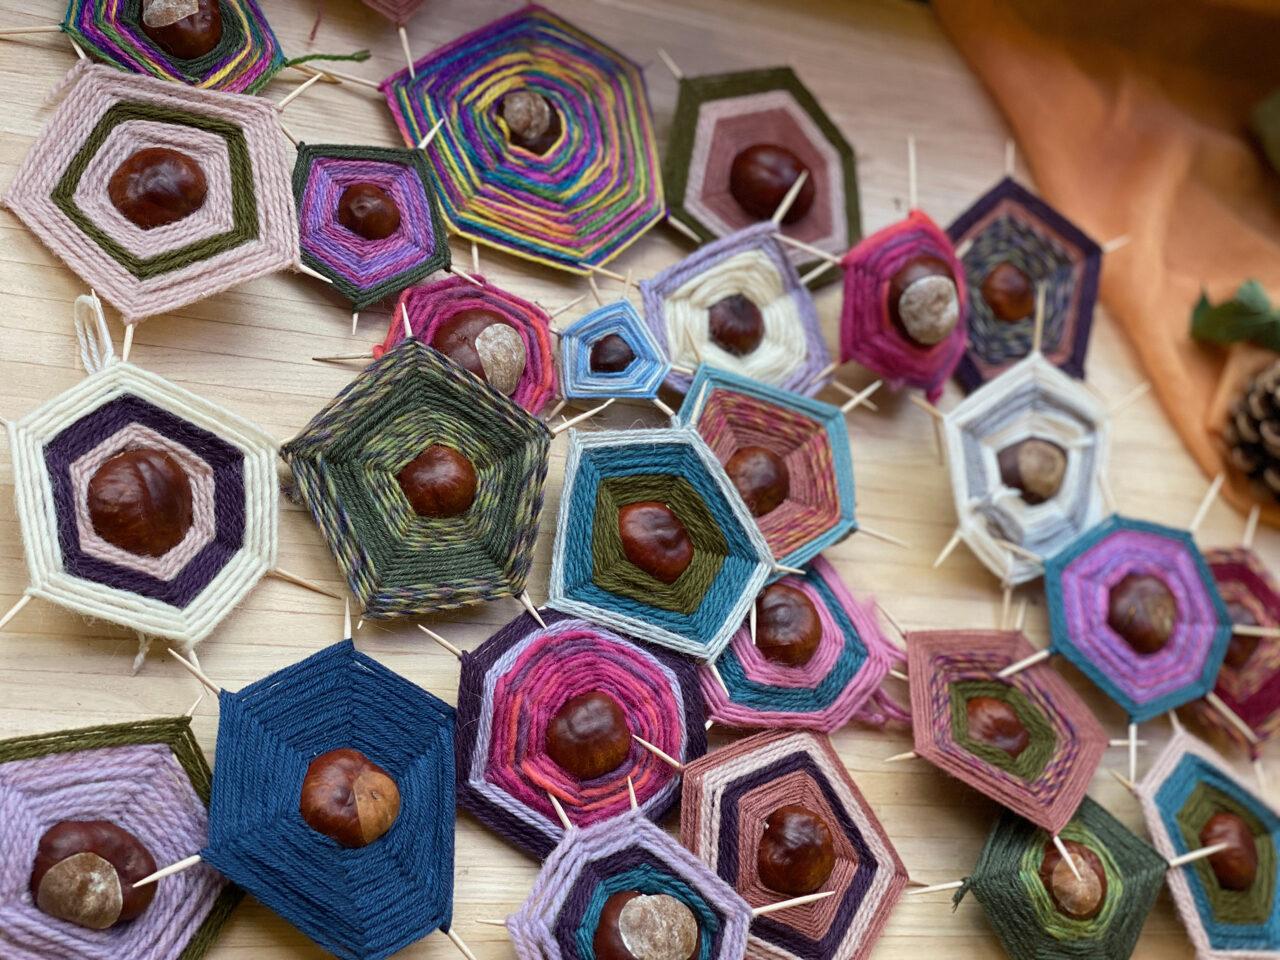 Ca. 20 verschiedene Kastanien-Spinnennetze auf einer Holz-Kommode